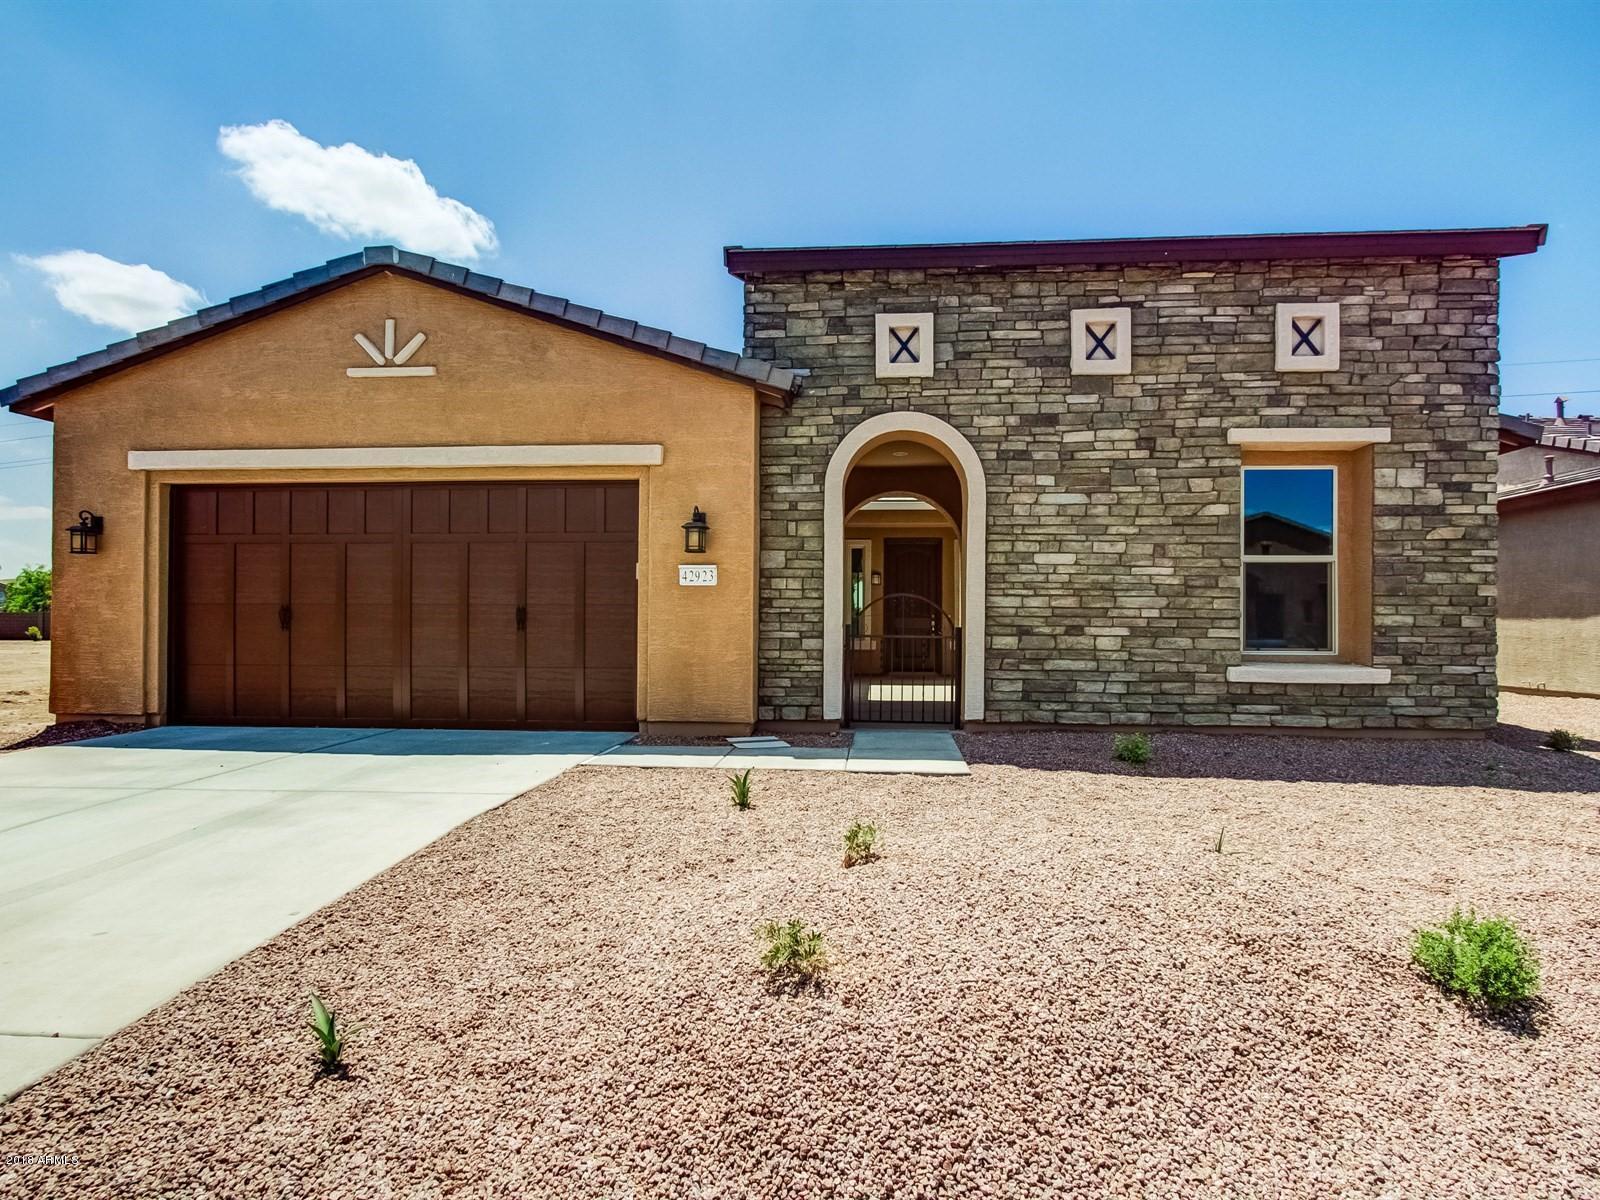 Photo for 42923 W Mallard Road, Maricopa, AZ 85138 (MLS # 5752957)